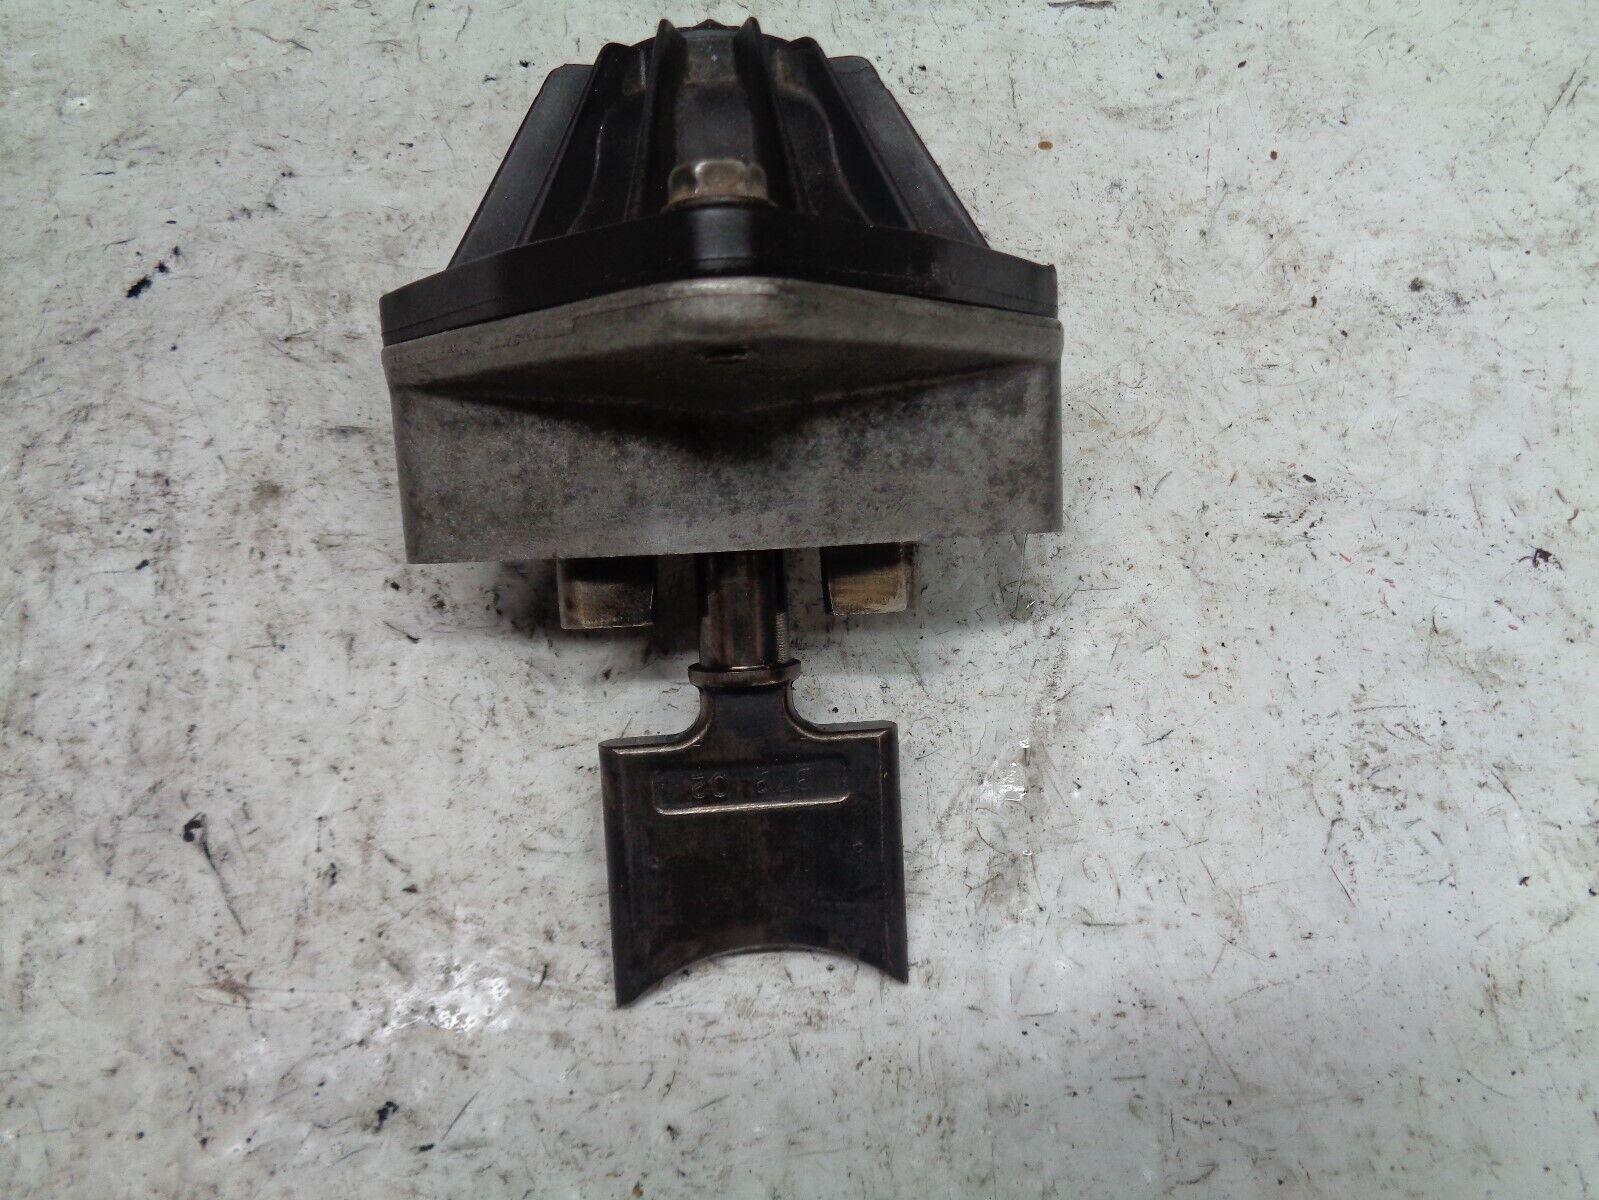 2003-2007 polaris edge xcsp 500 ves valve base assembly 5135159  1202216